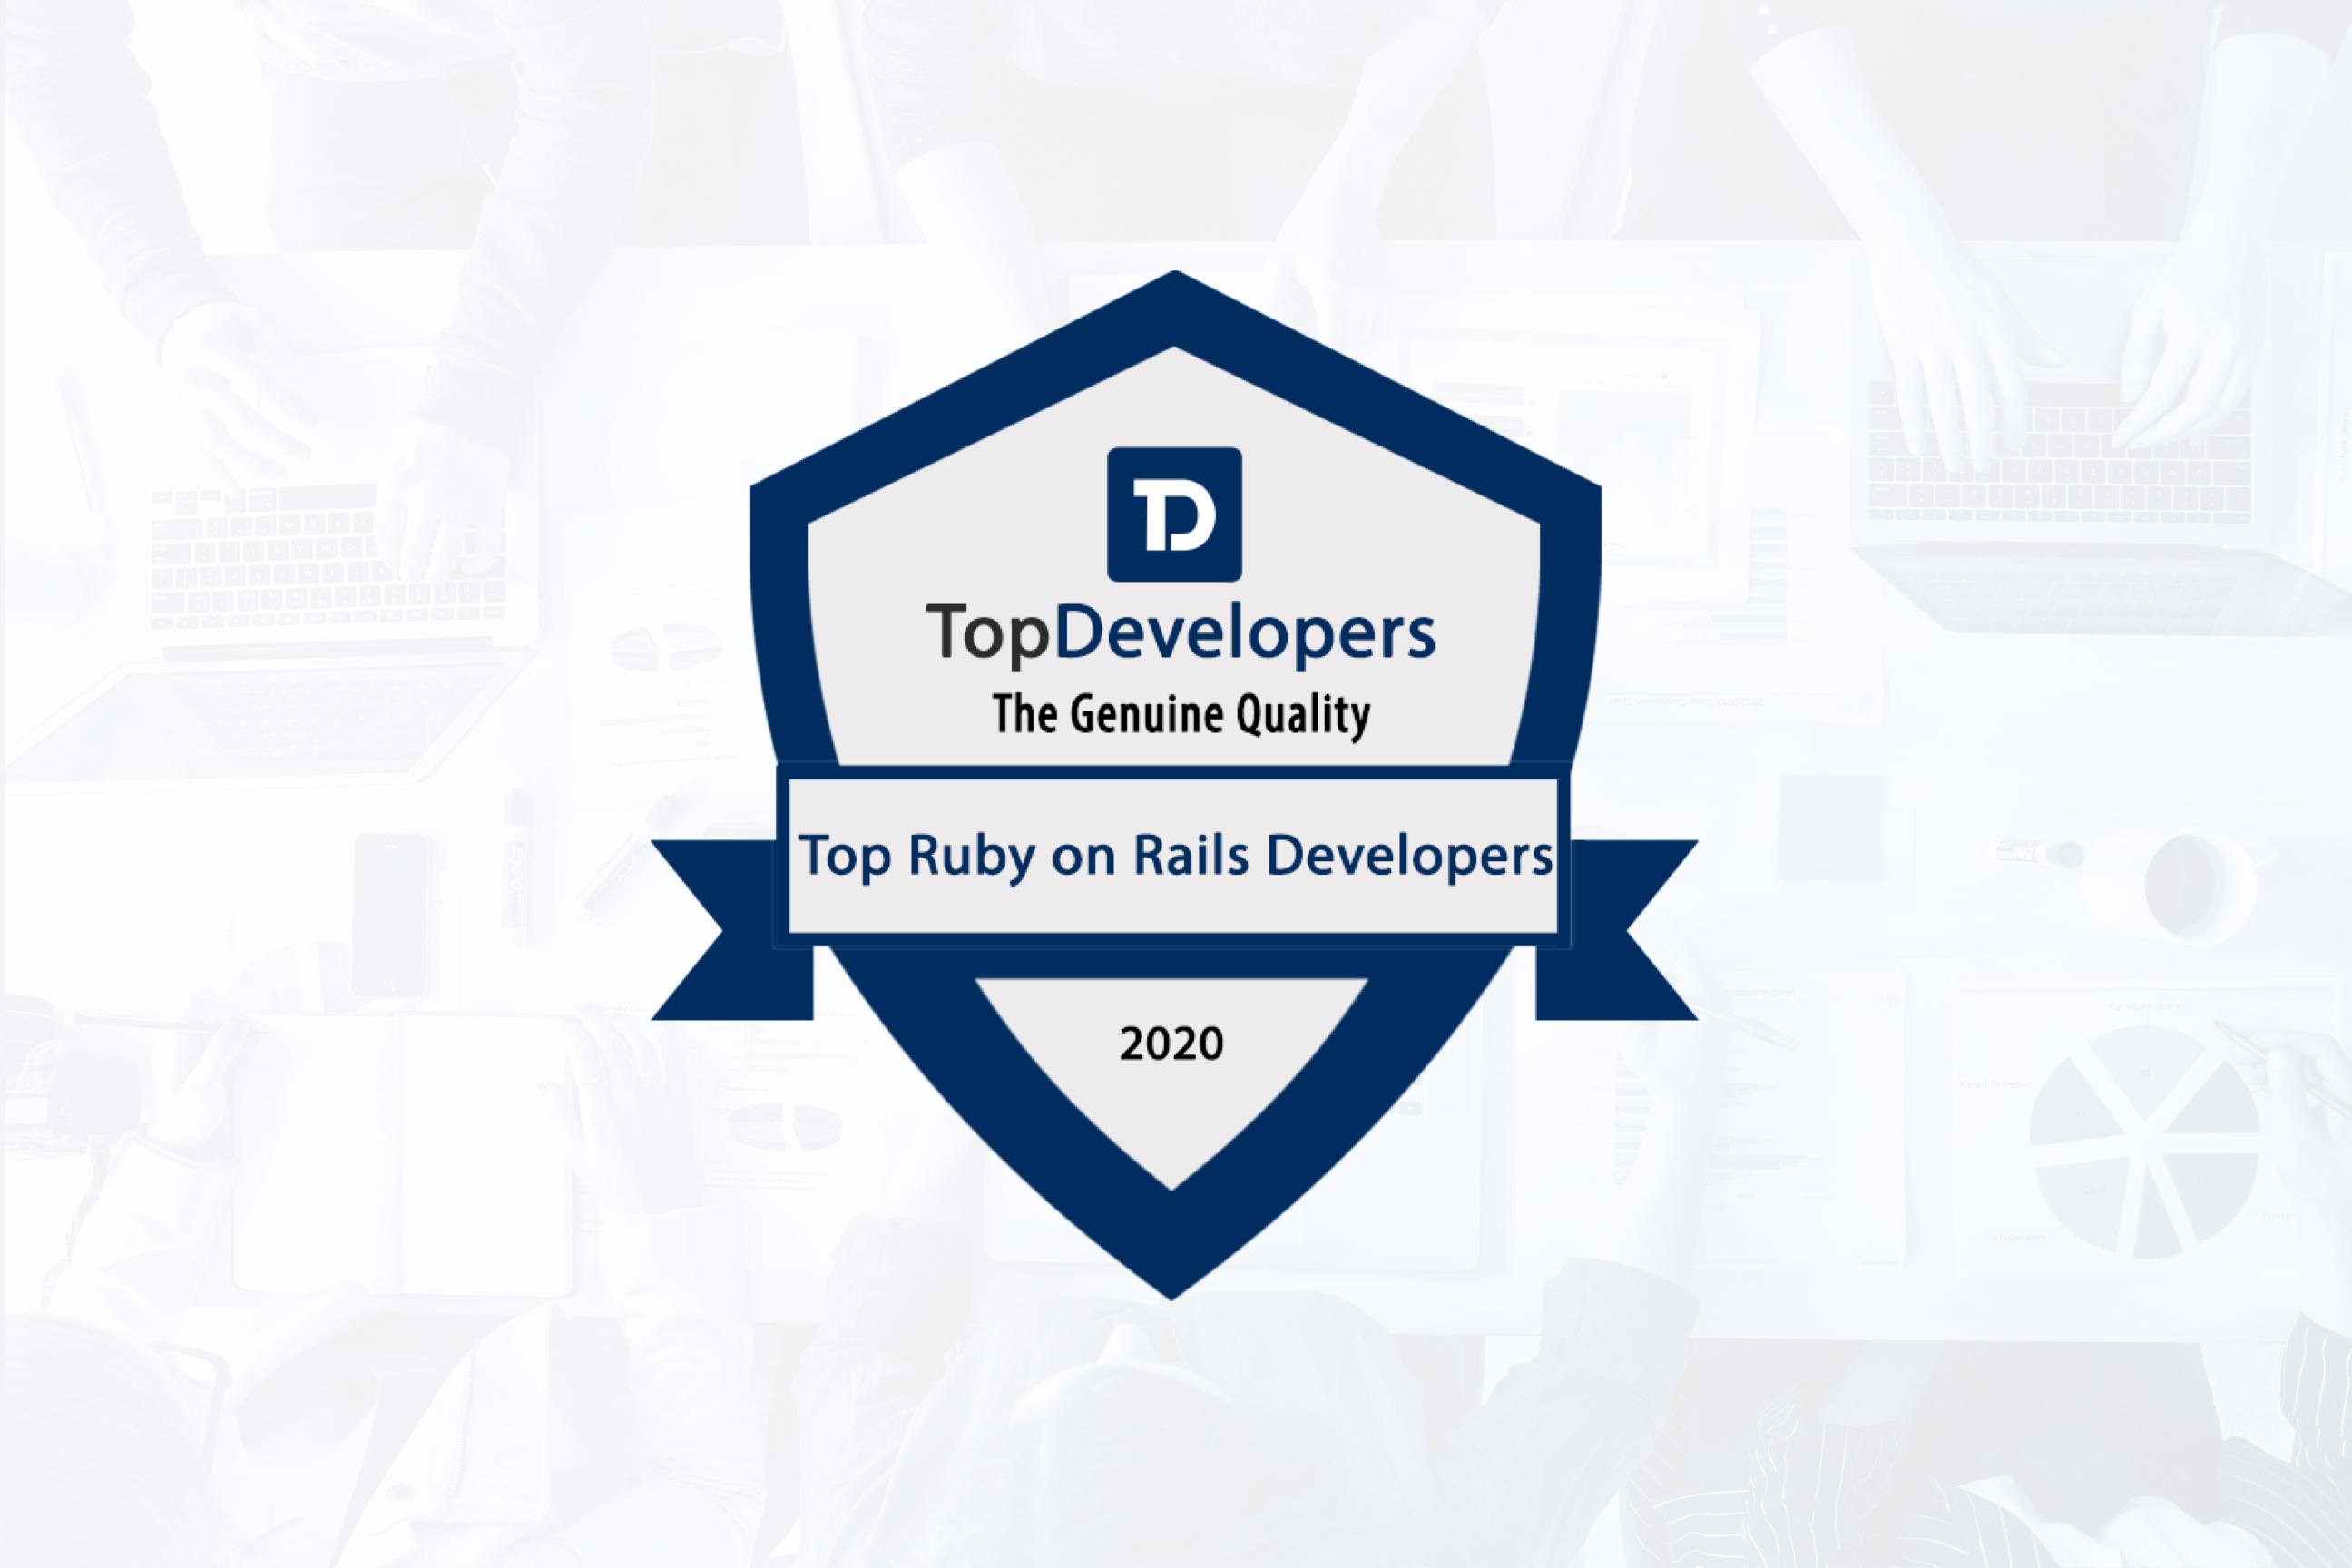 TopDeveloper award